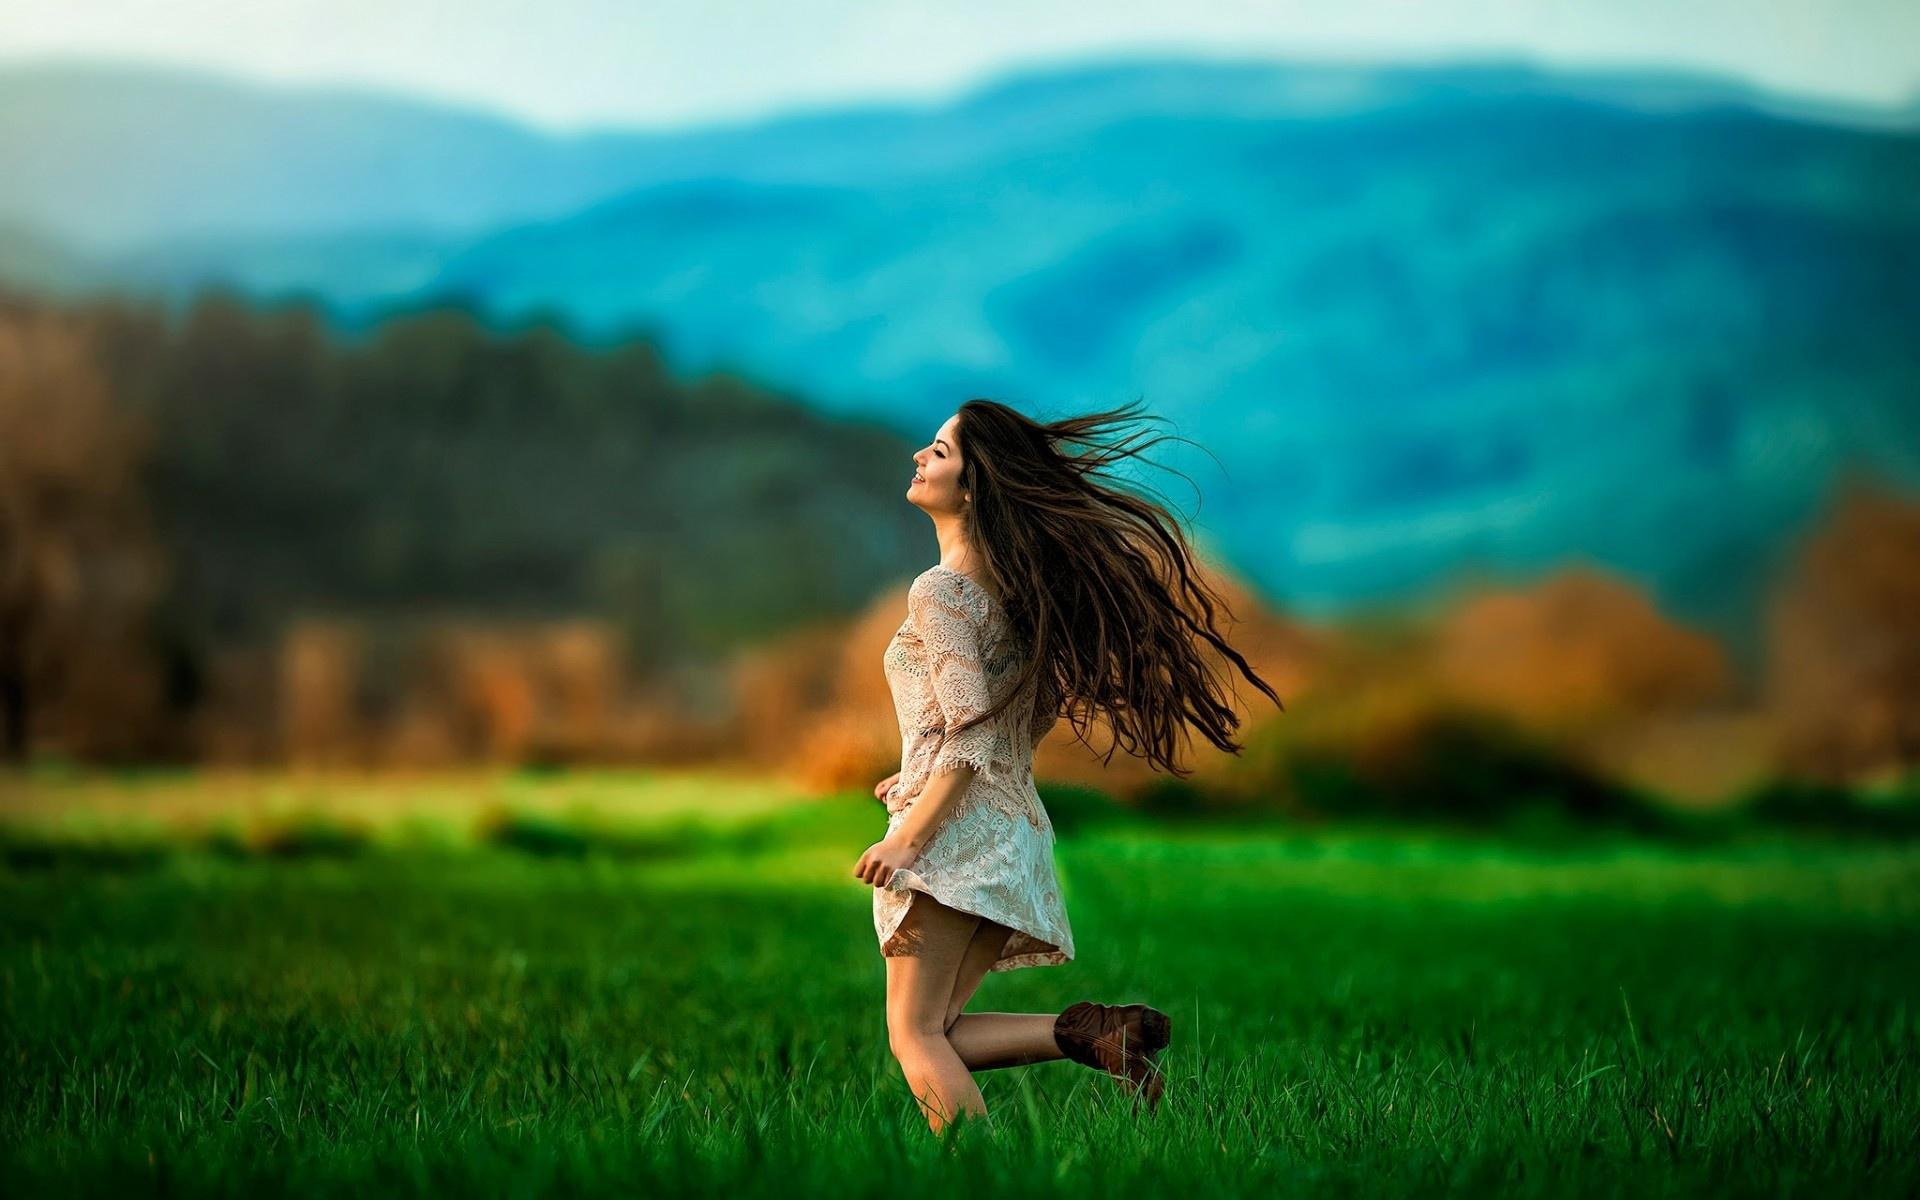 Image: Girl, brunette, running, hair, blurring, field, summer